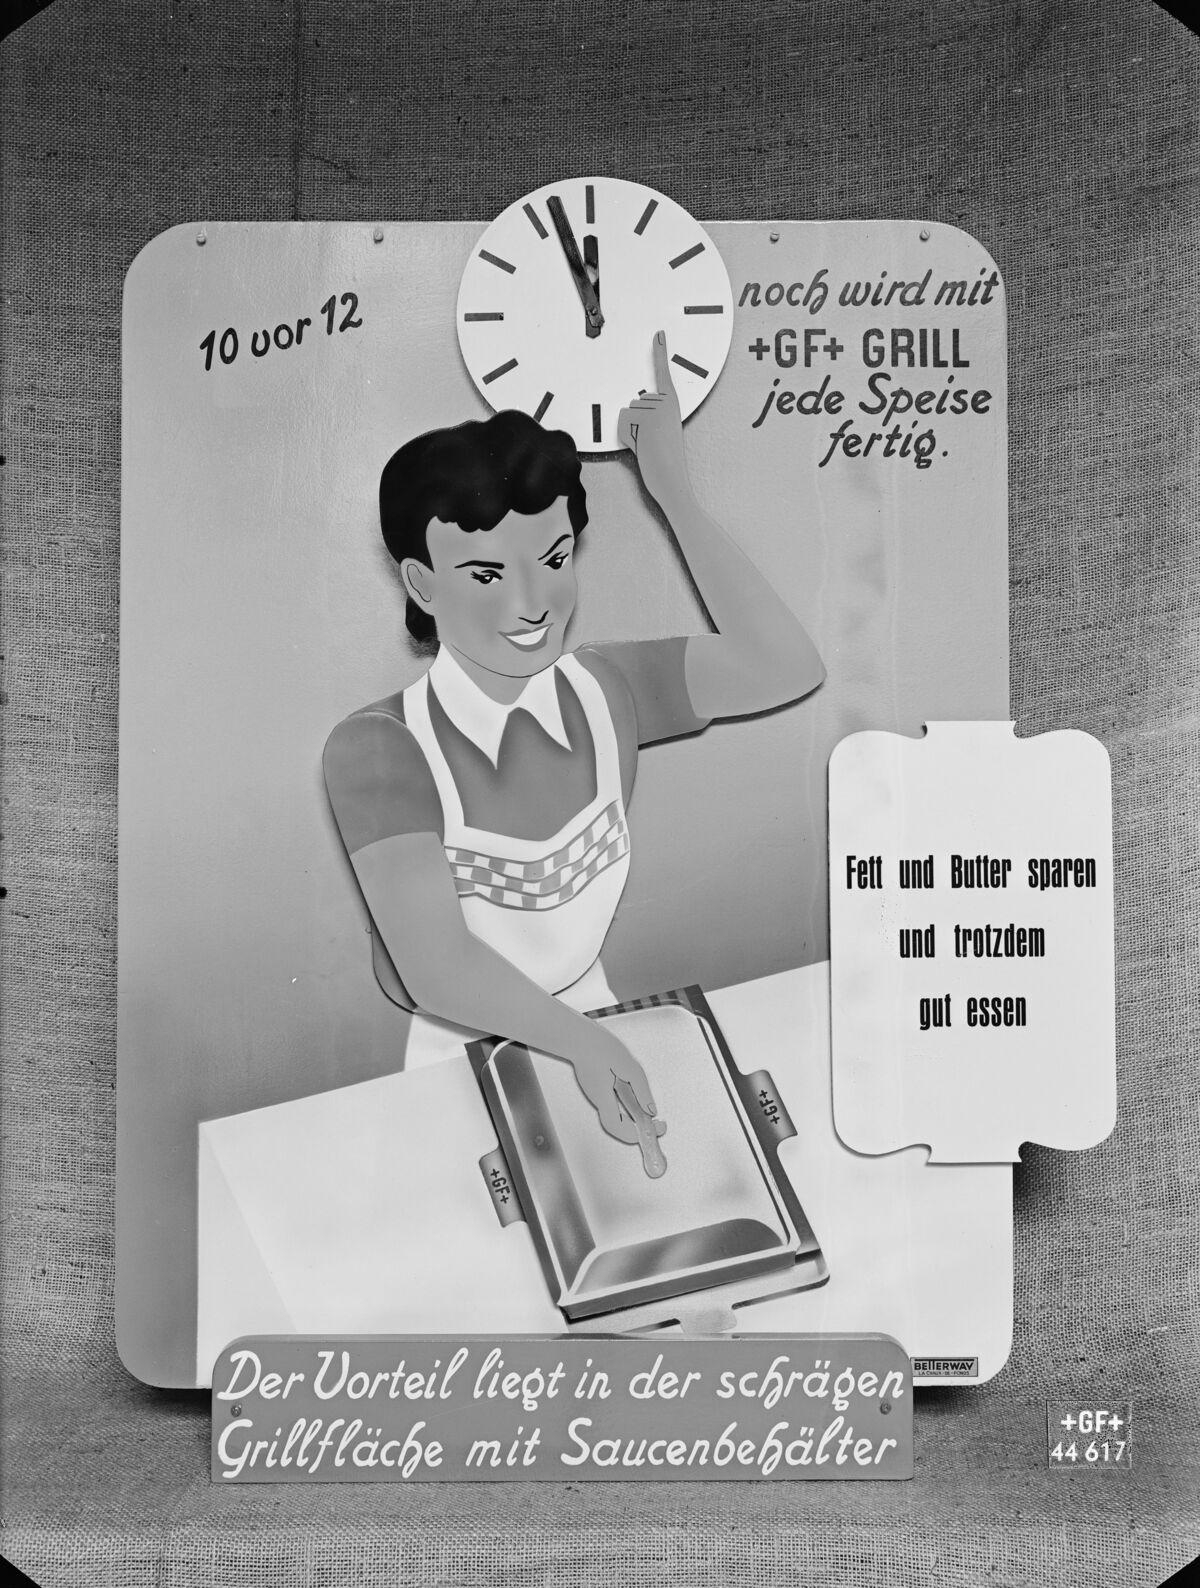 GFA 16/44617: Showcase machine for barbeque propaganda